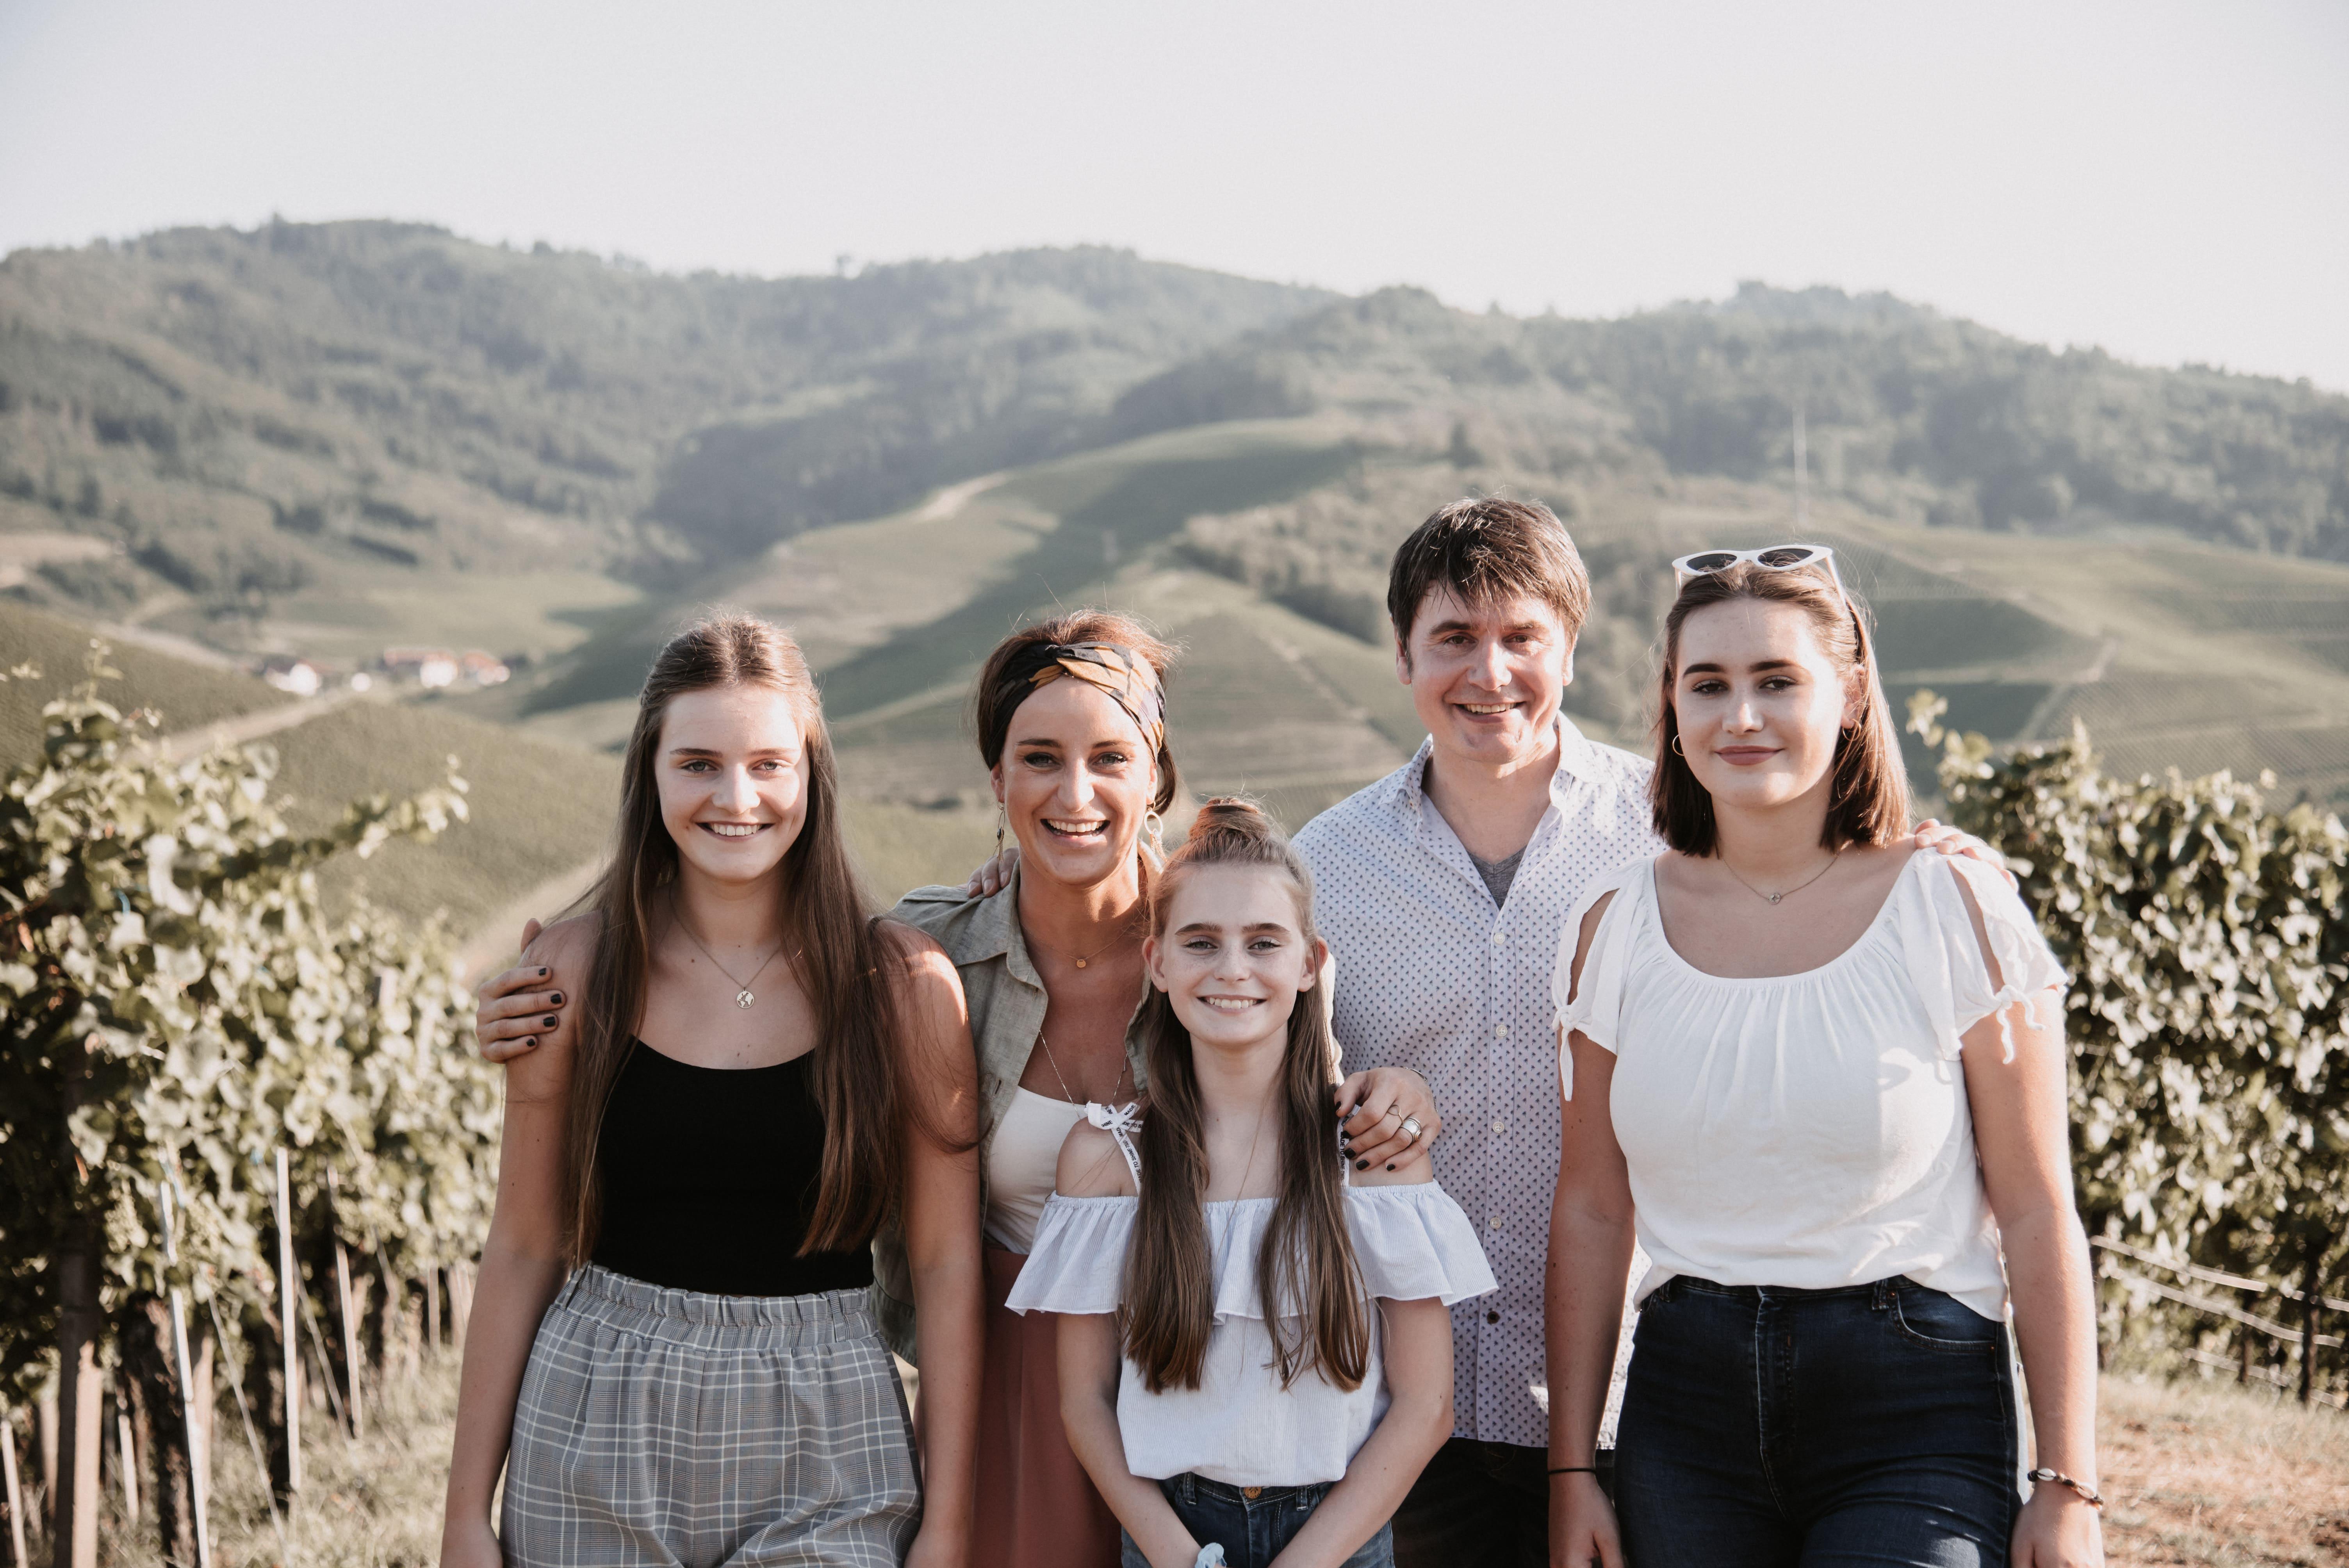 Familie in den Bergen